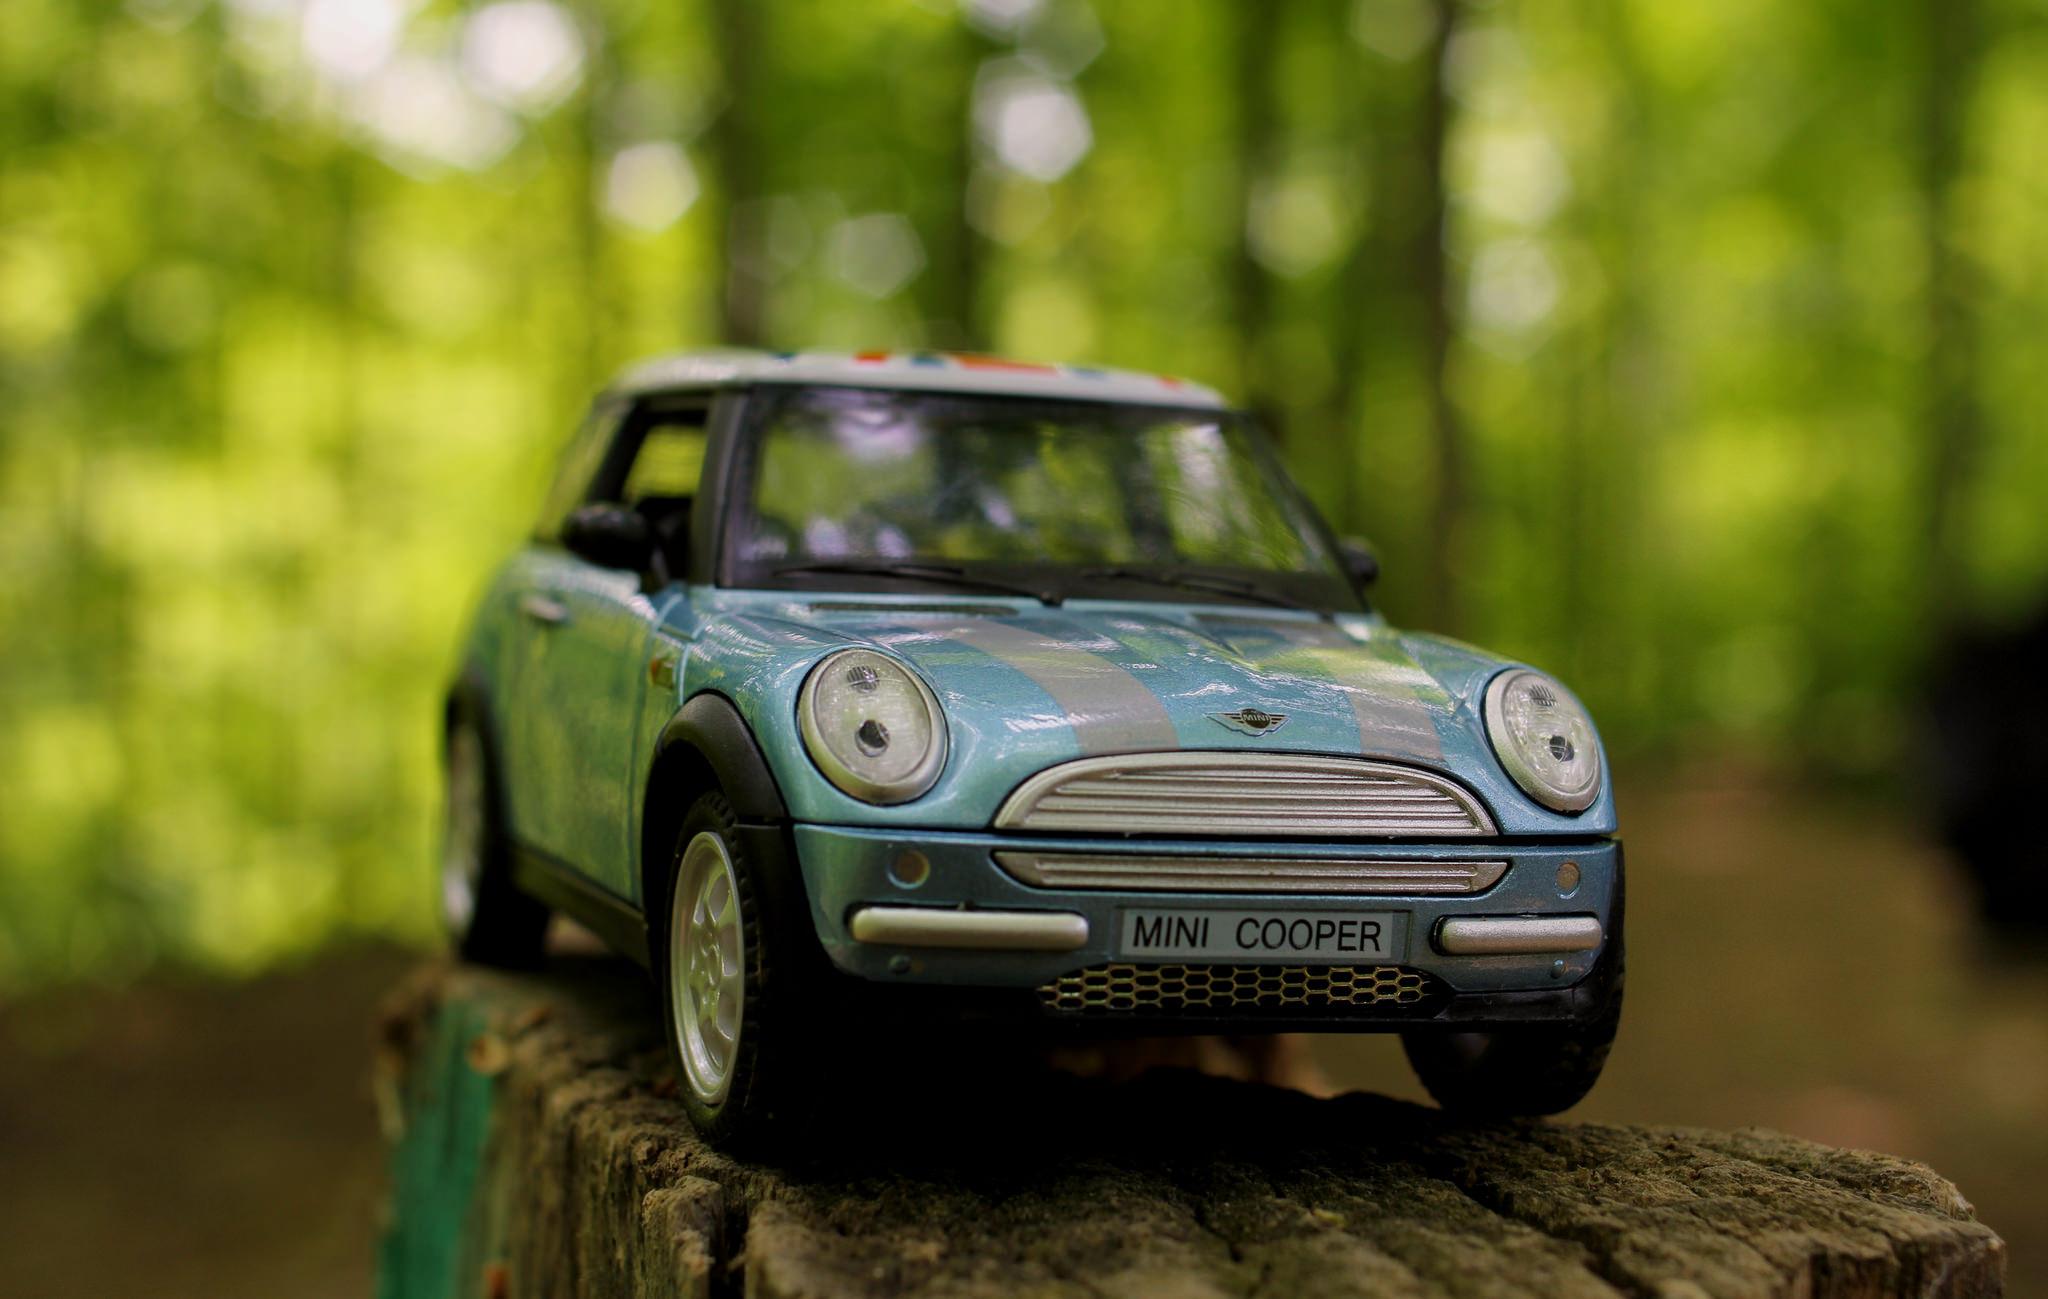 Un mini cooper de juguete - 2048x1299